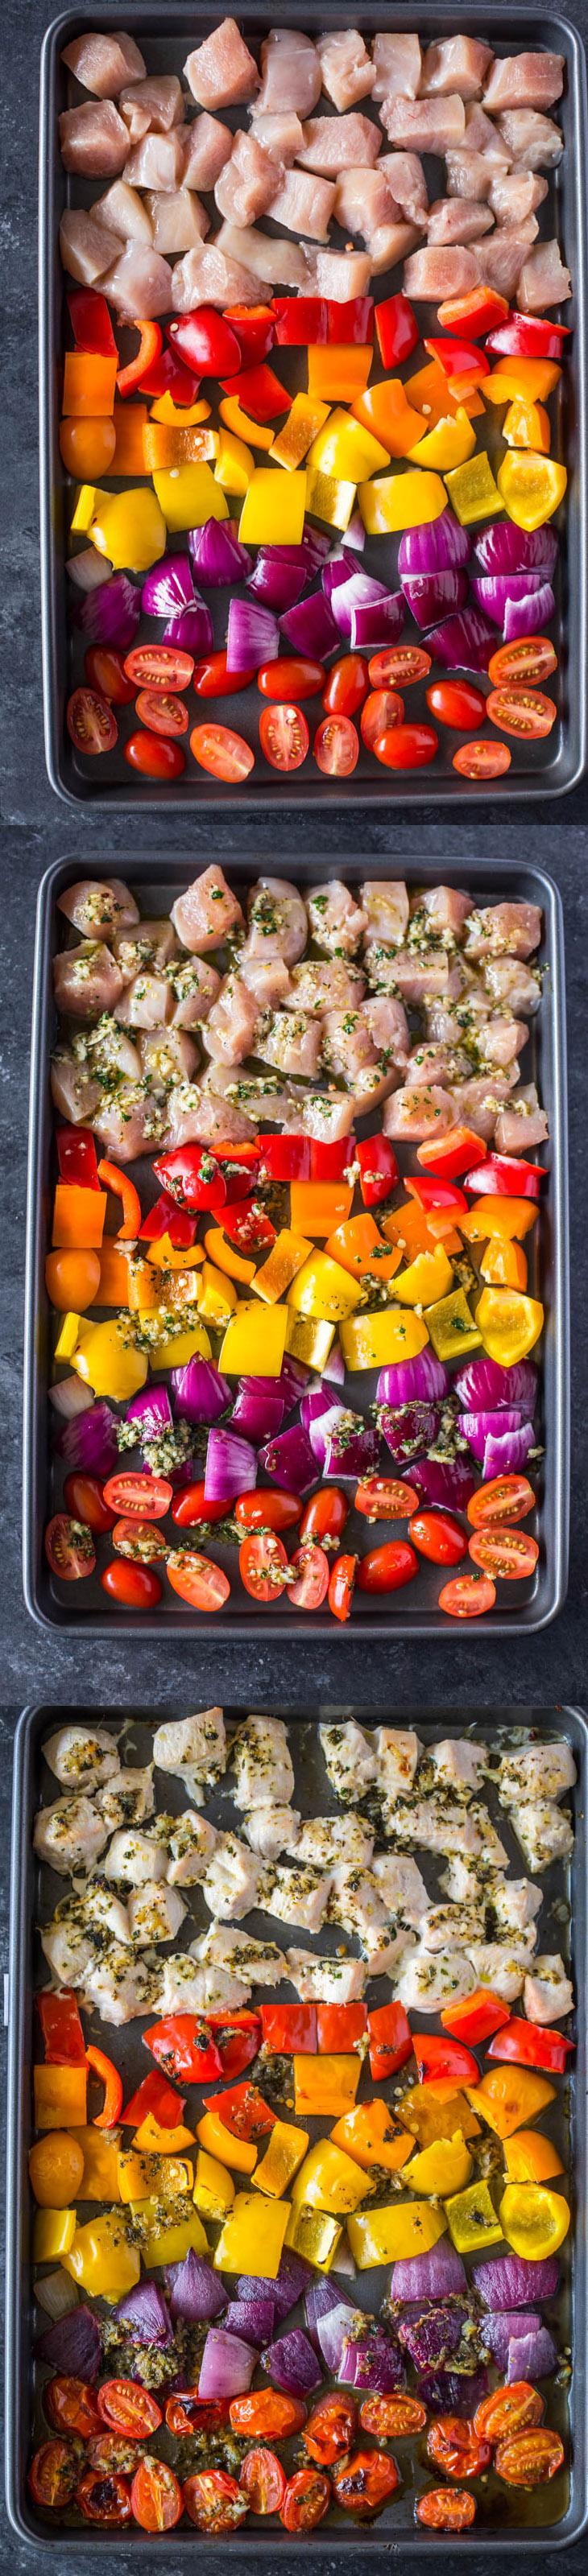 Sheet Pan Greek Chicken & Veggies